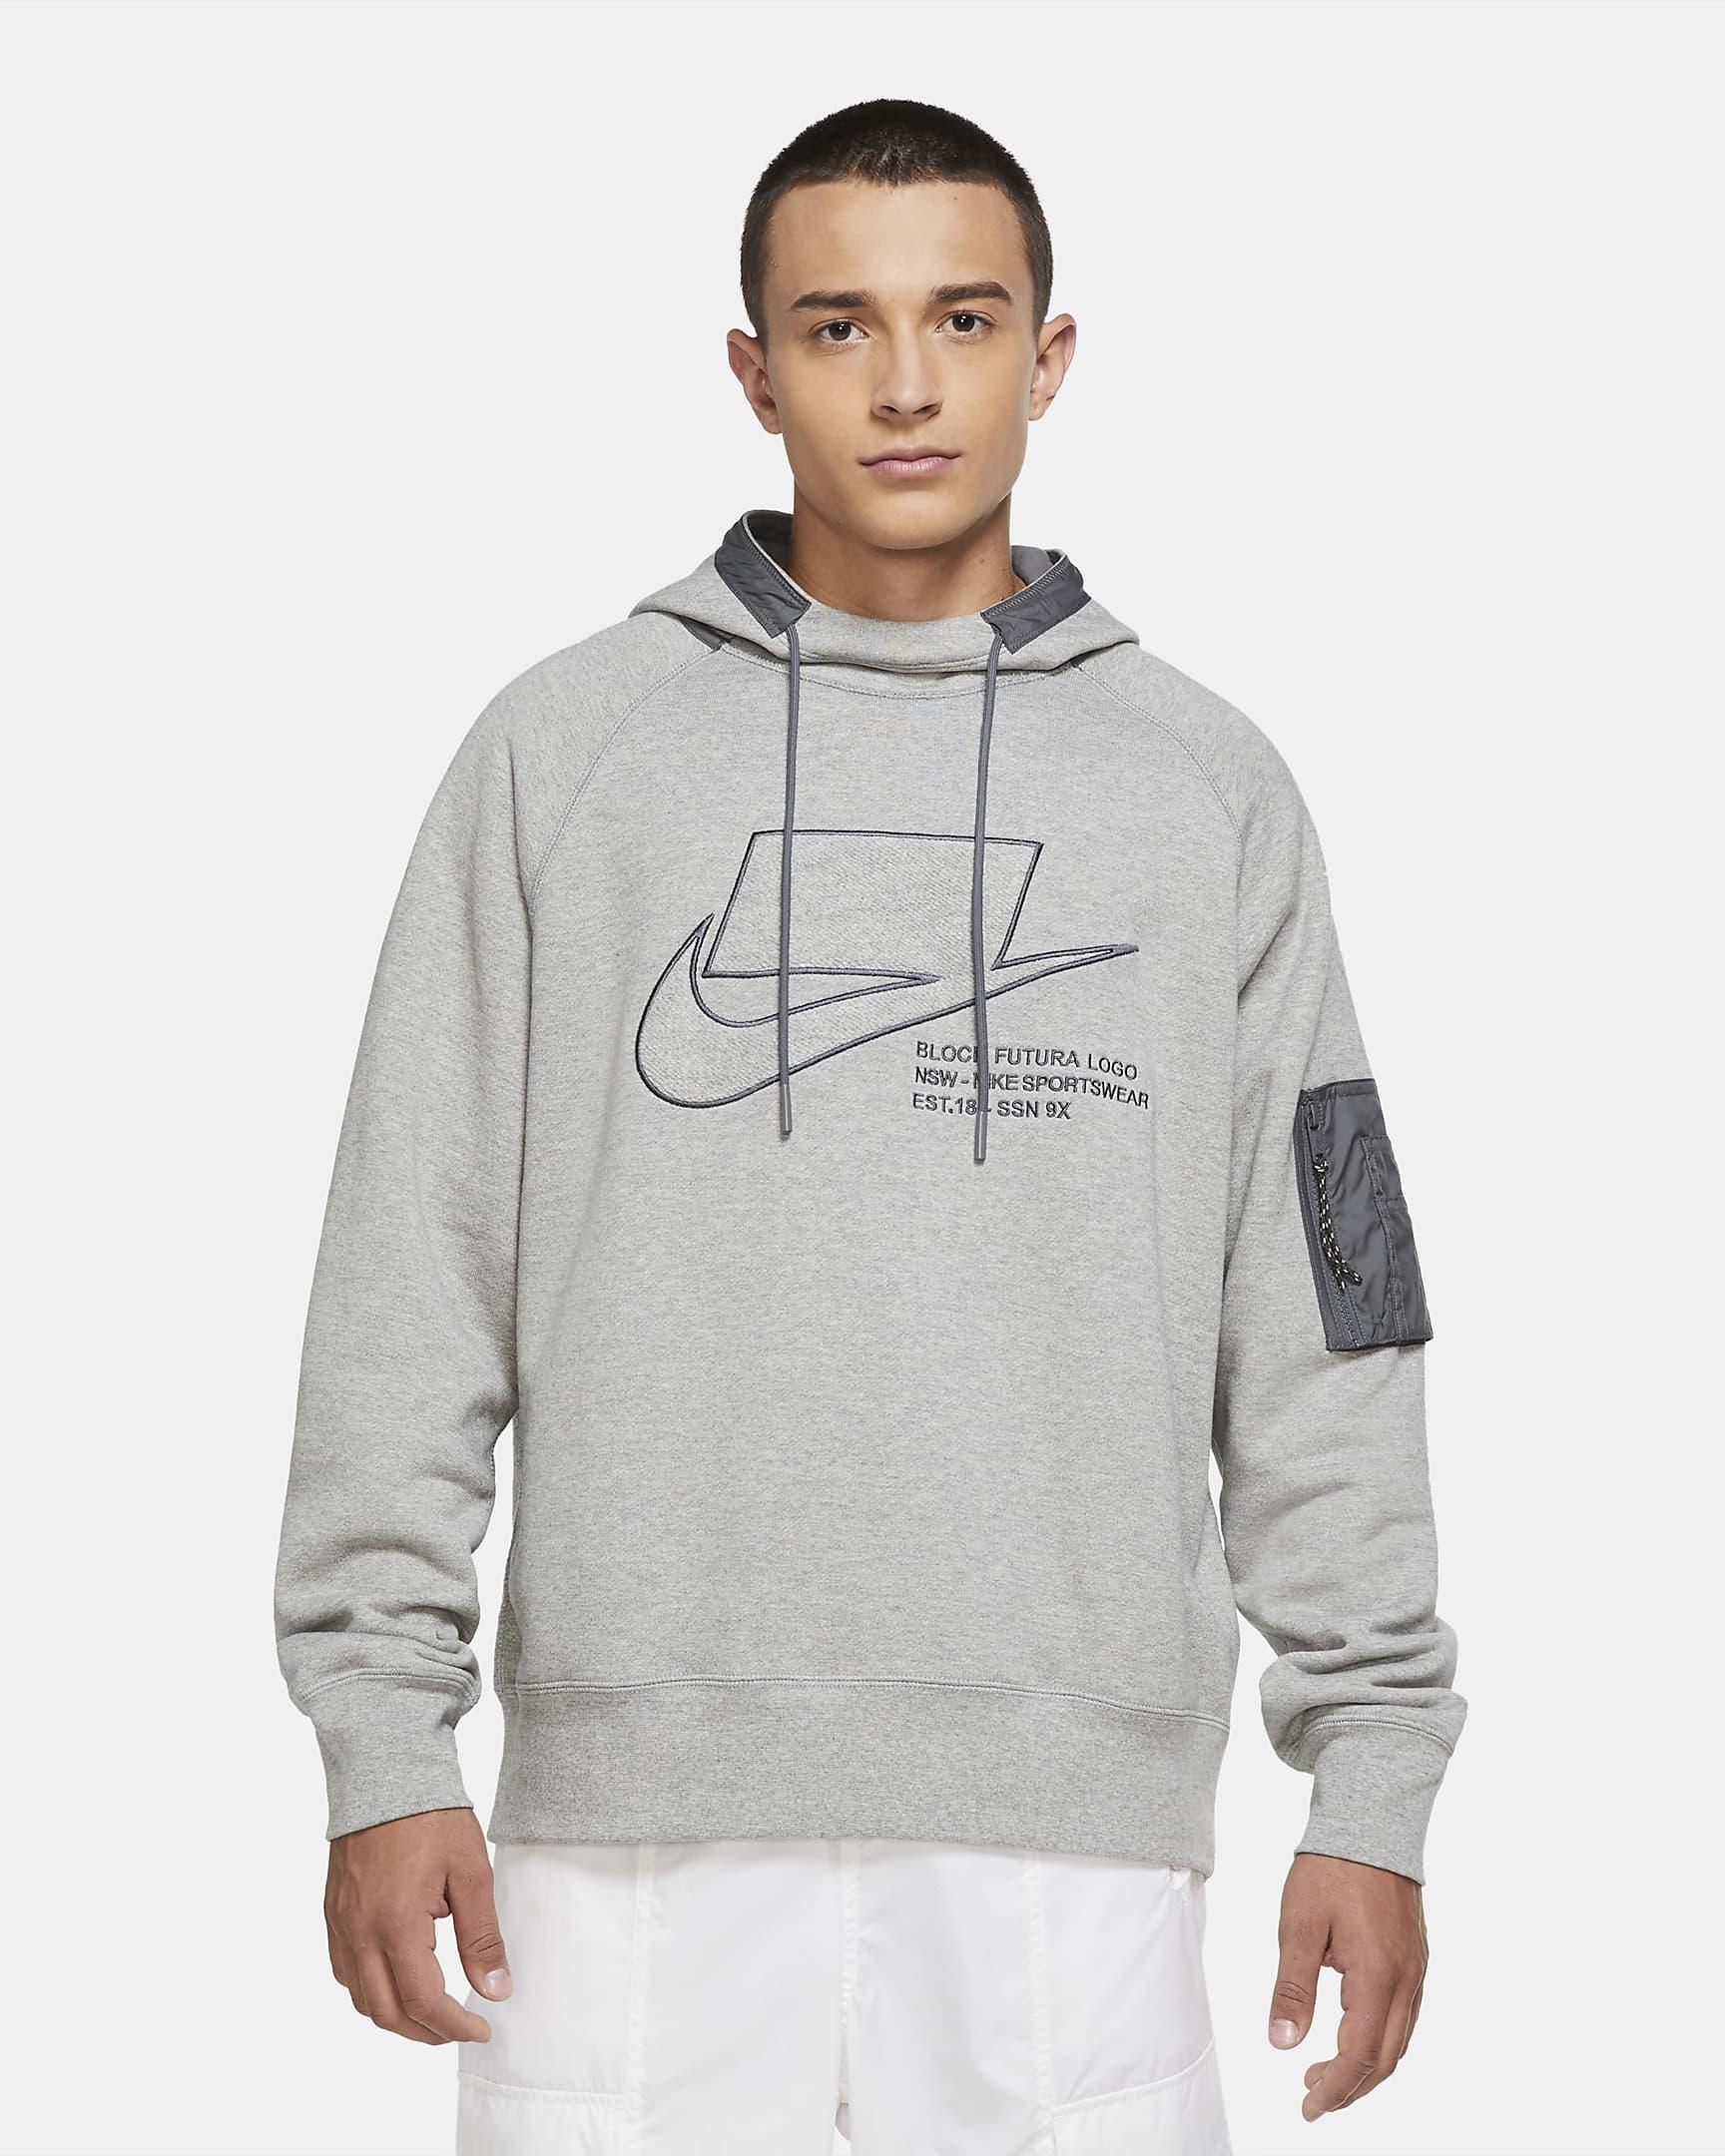 sportswear-nsw-mens-pullover-hoodie-knslnv